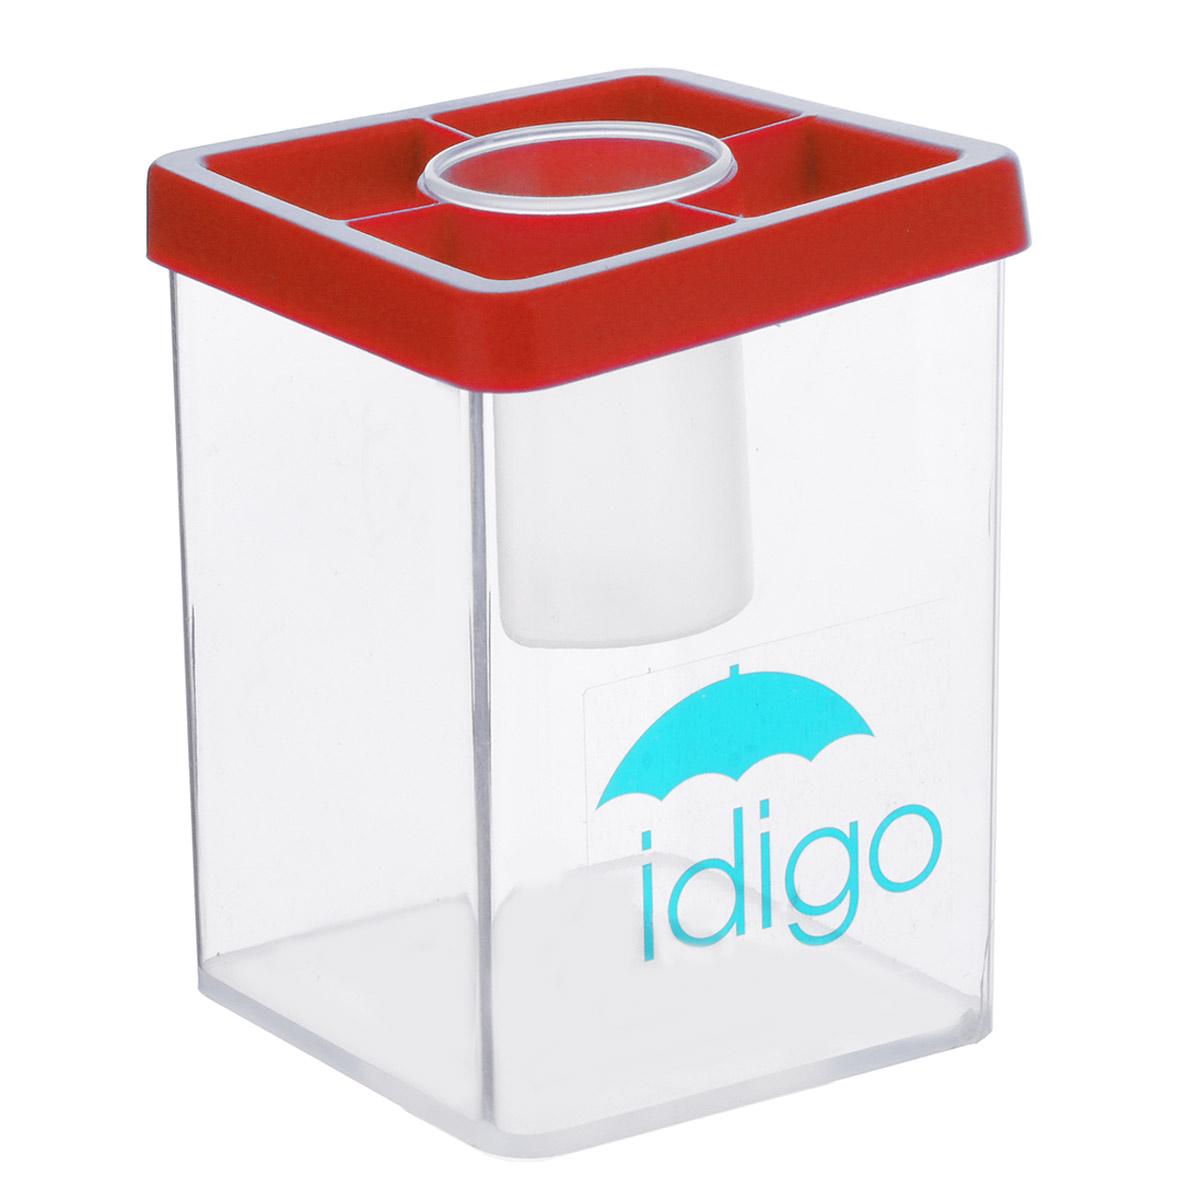 Многофункциональная подставка-стакан Idigo, цвет: красный24891Многофункциональный стакан из пластика Idigo станет незаменимым атрибутом на письменном столе ребенка. Он идеально подходит для мытья кистей во время рисования. Кроме того, удобный стакан может быть использован для хранения кистей, карандашей, ручек и фломастеров. А благодаря небольшой круглой баночке, расположенной в центре стакана, скрепки, кнопки и ластики не потеряются.